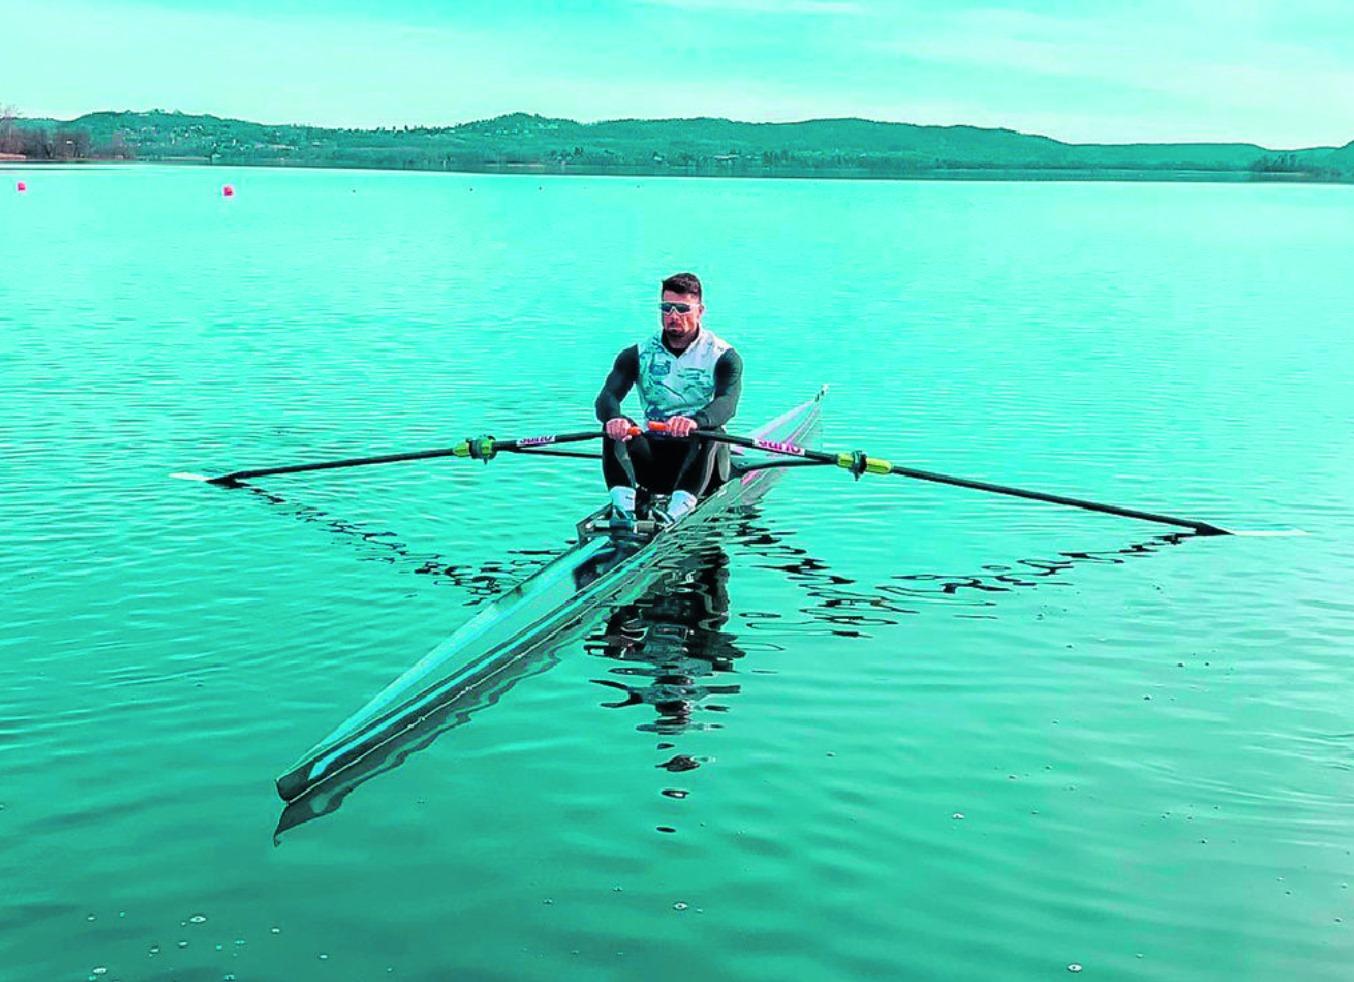 У израильского спортсмена в Днепре украли лодку